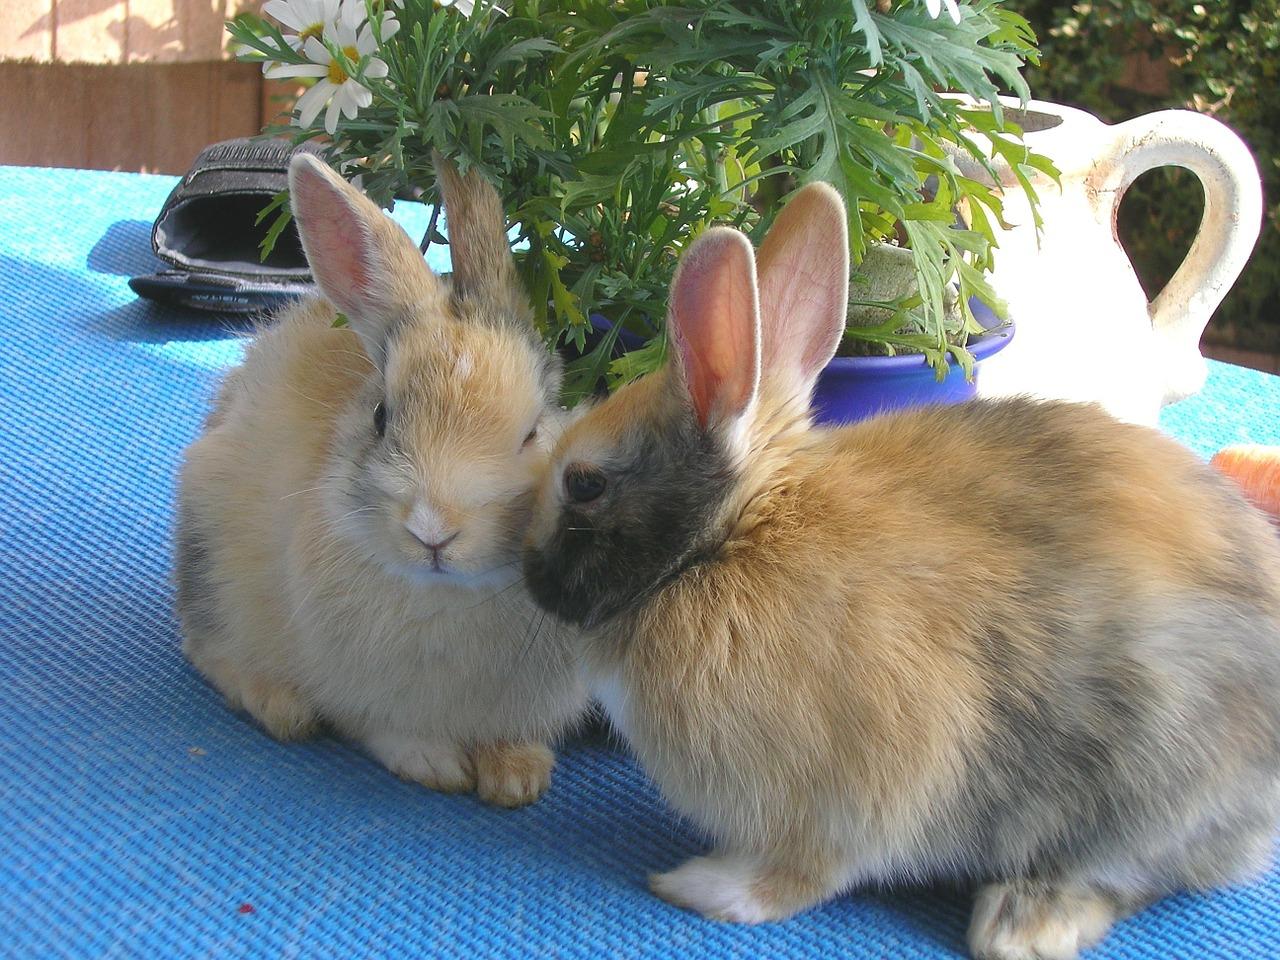 Dlaczego królik tupie? Królicza mowa ciała.